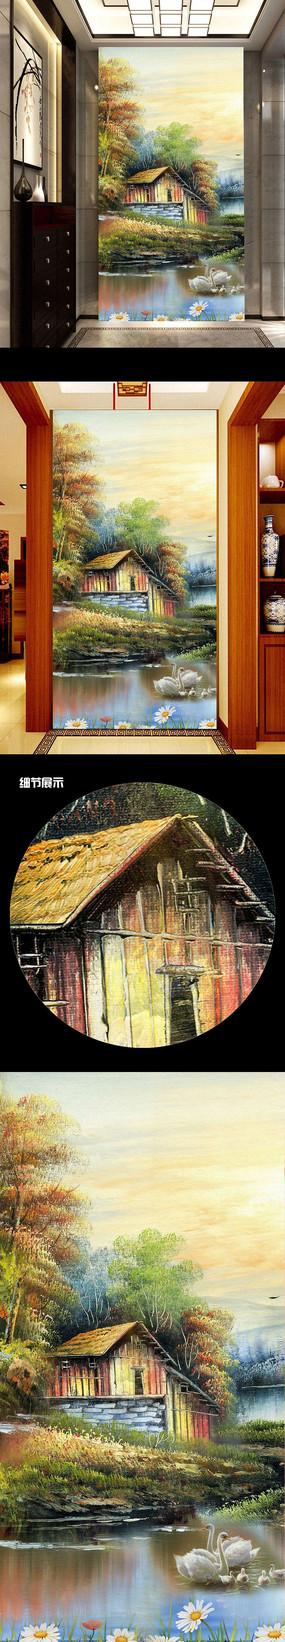 田园小屋手绘玄关背景墙